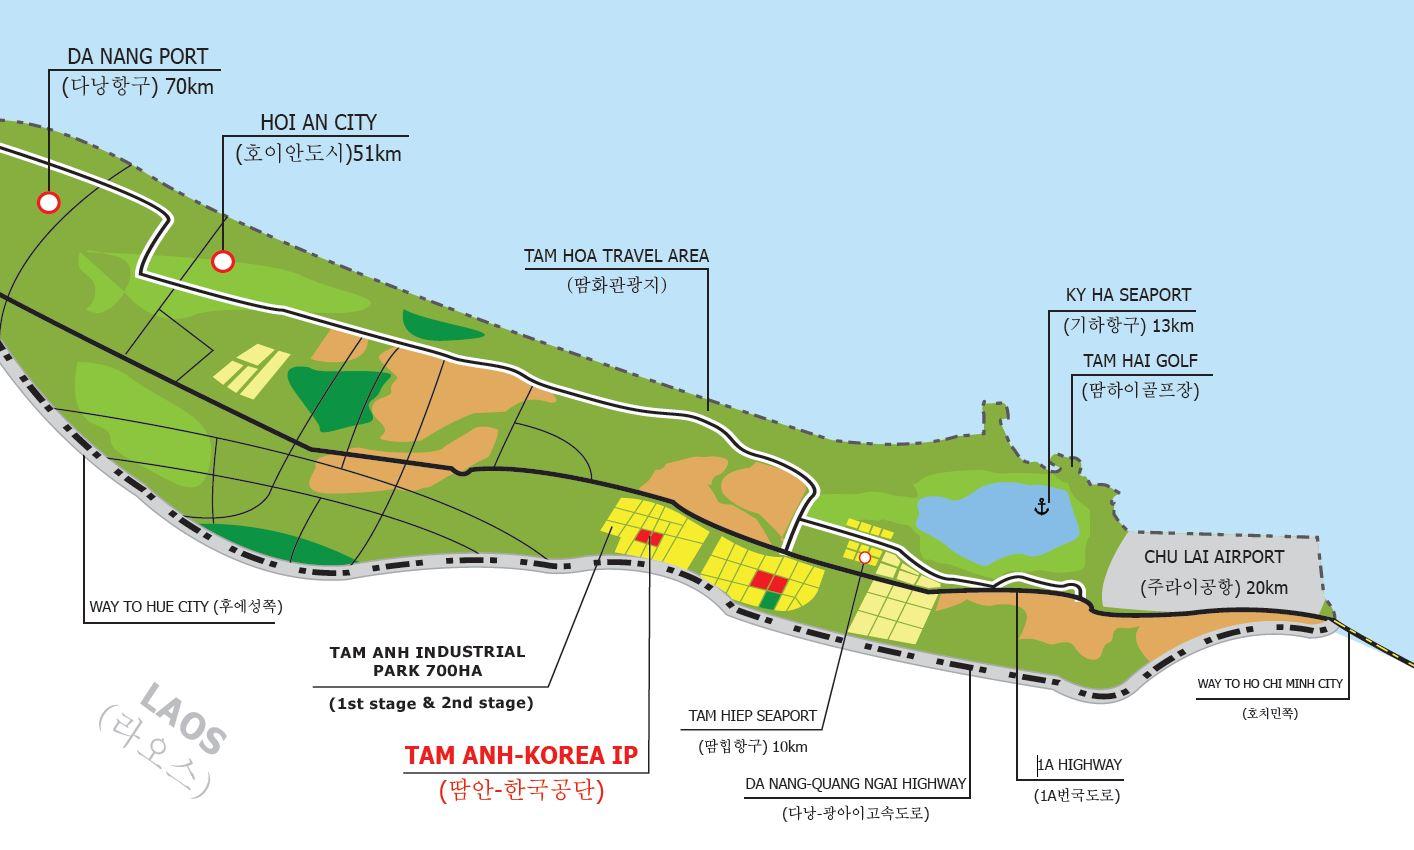 Quảng Nam: Hai dự án khu công nghiệp hơn 367 ha chậm triển khai - Ảnh 1.